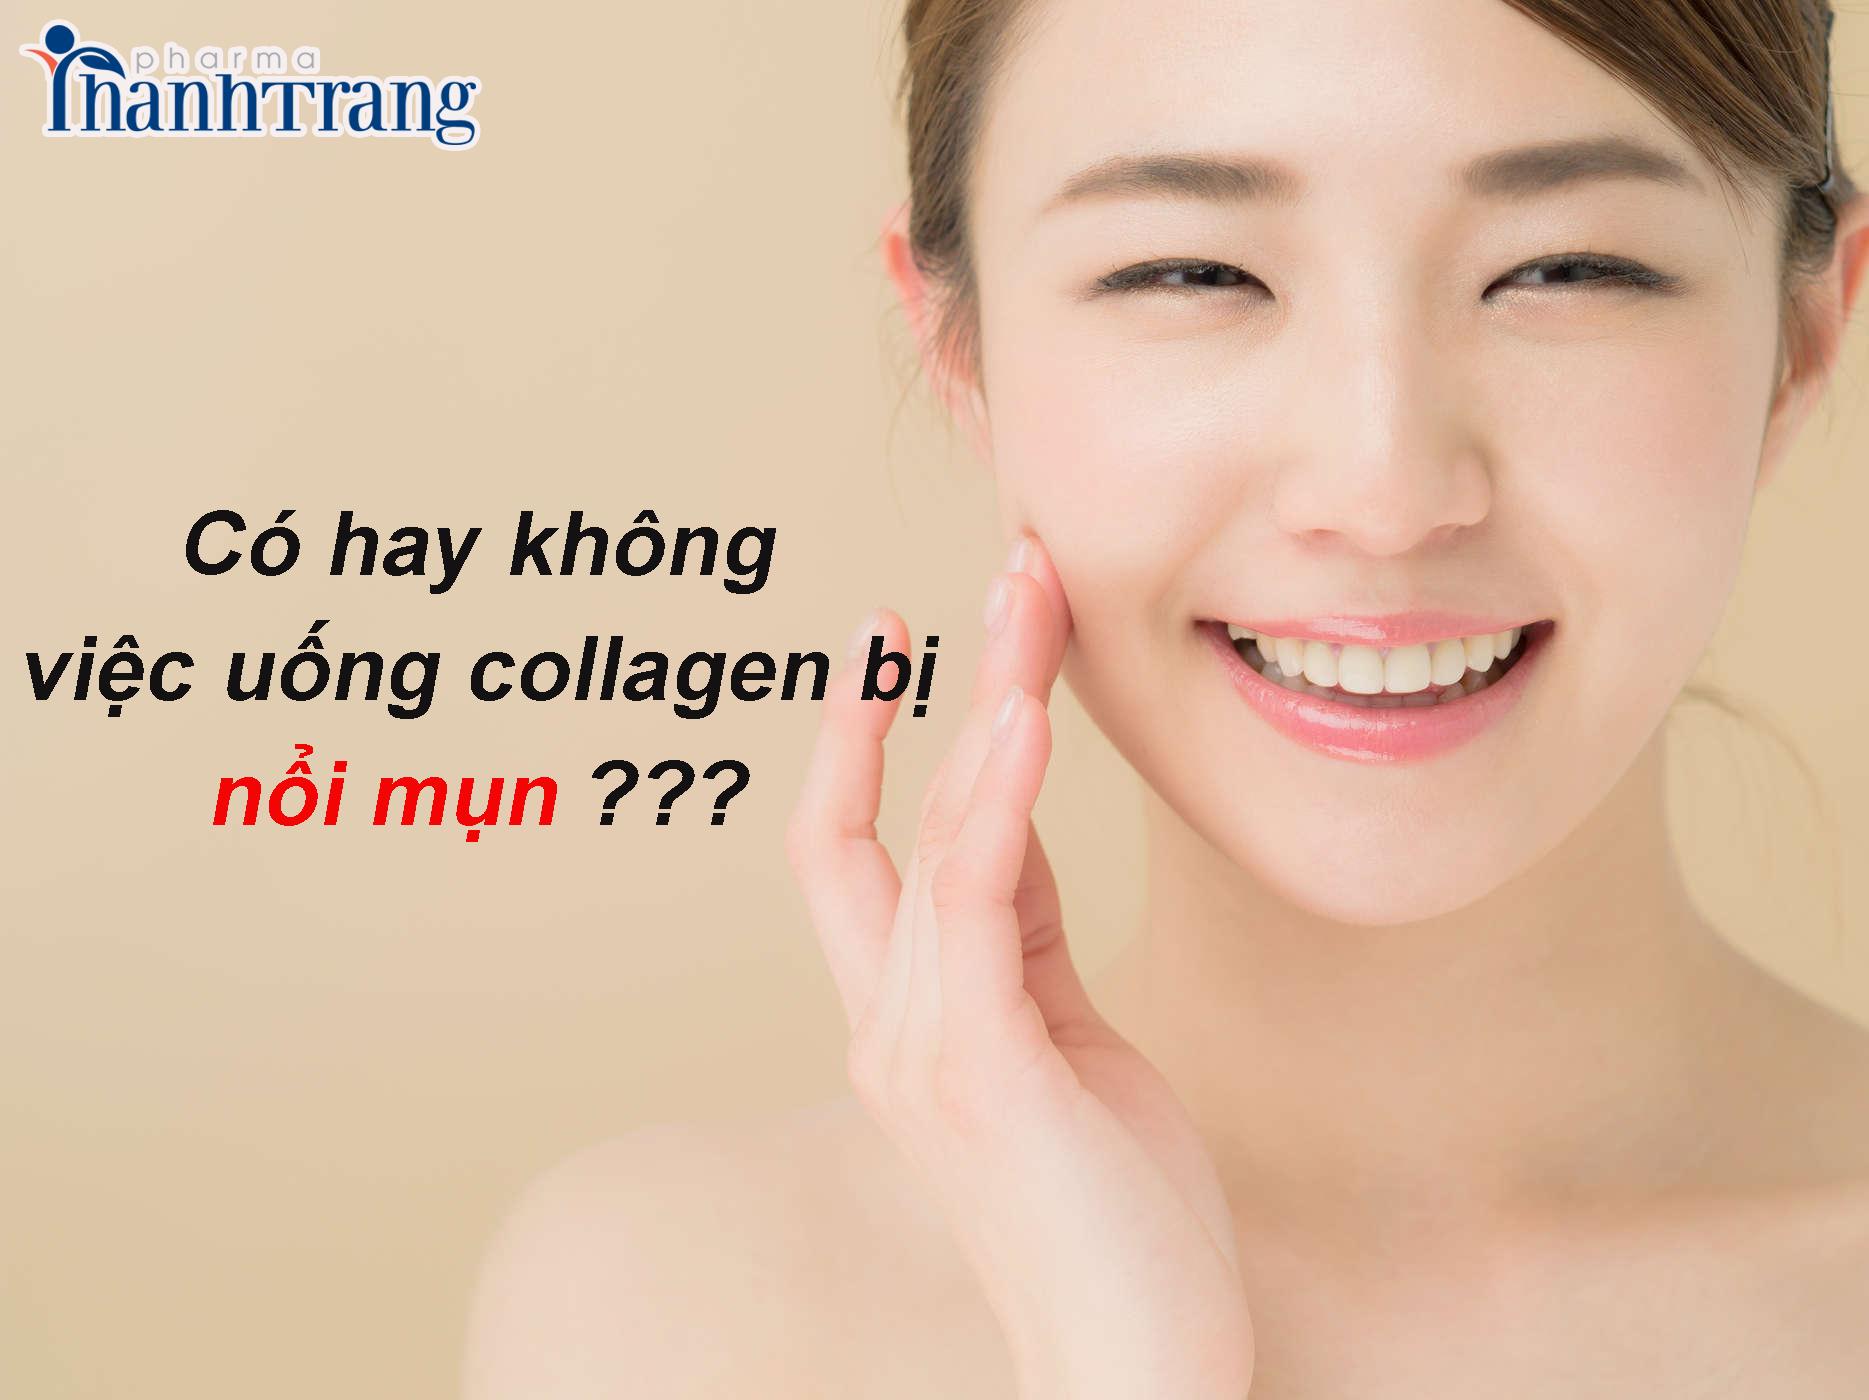 Nước uống collagen có nóng và nổi mụn không?